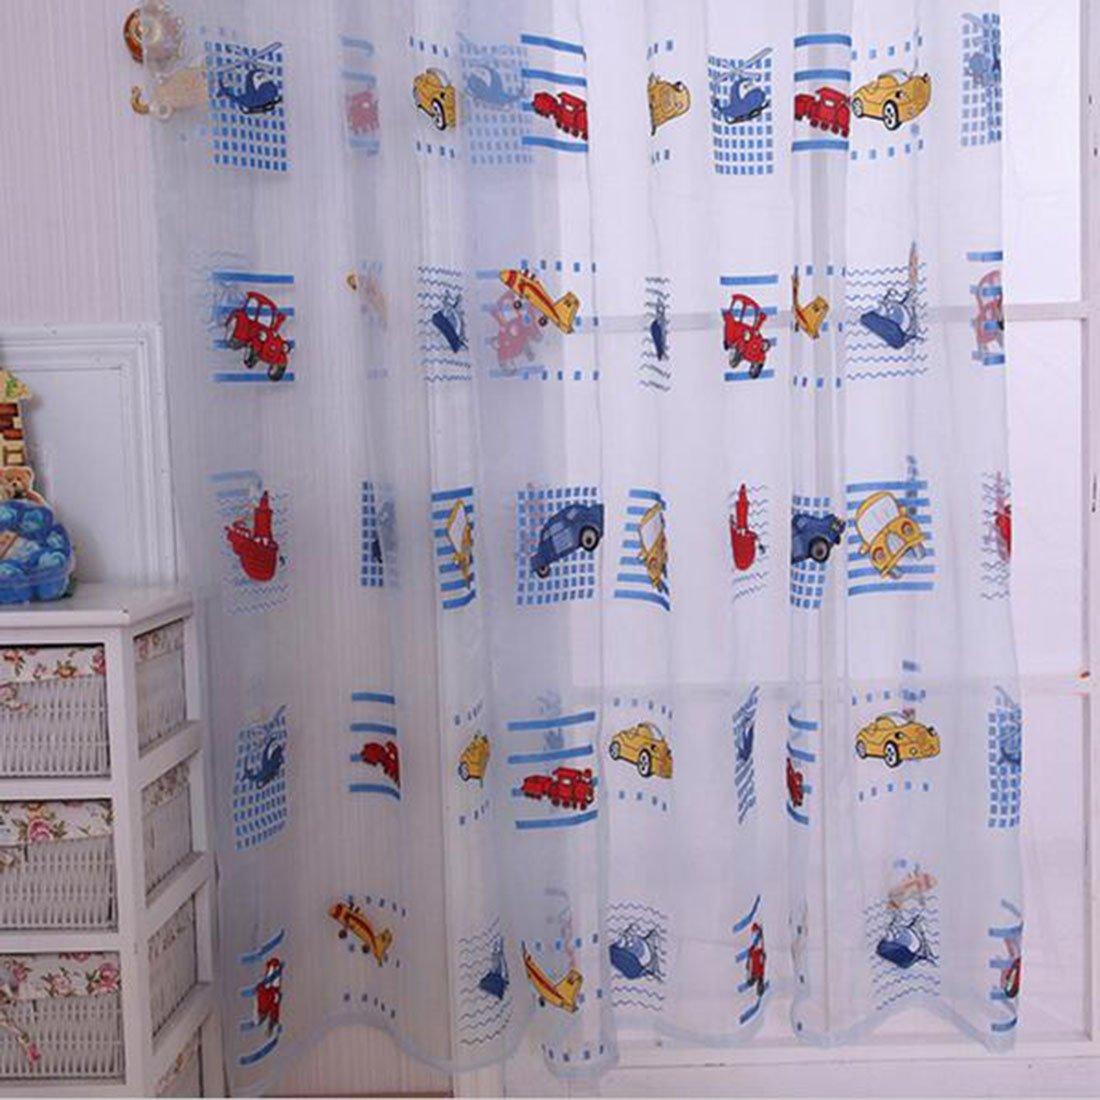 cortina de coche de dibujos animados de ambiente amigable para los nios acabados impresas cortinas de